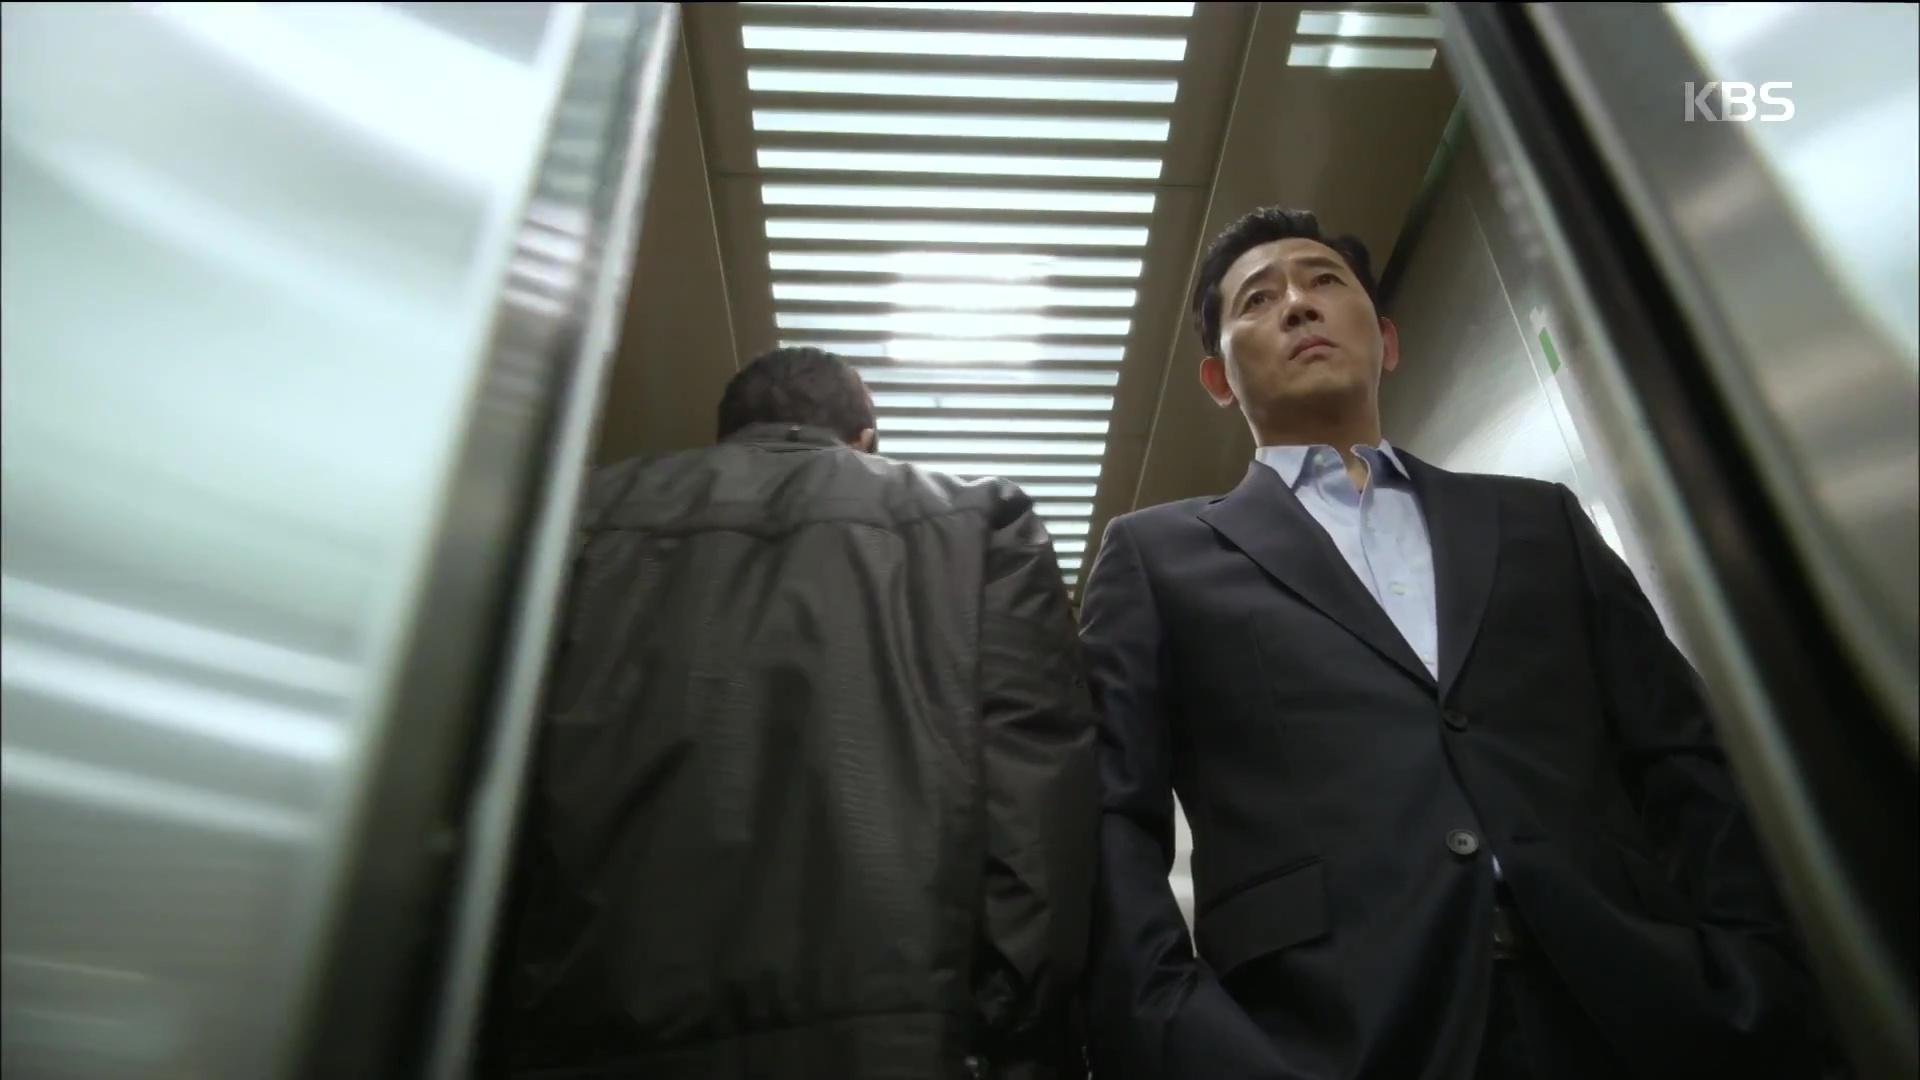 Phim Hàn gây sốc vì đánh thẳng vào nạn tấn công tình dục nữ giới - Ảnh 6.